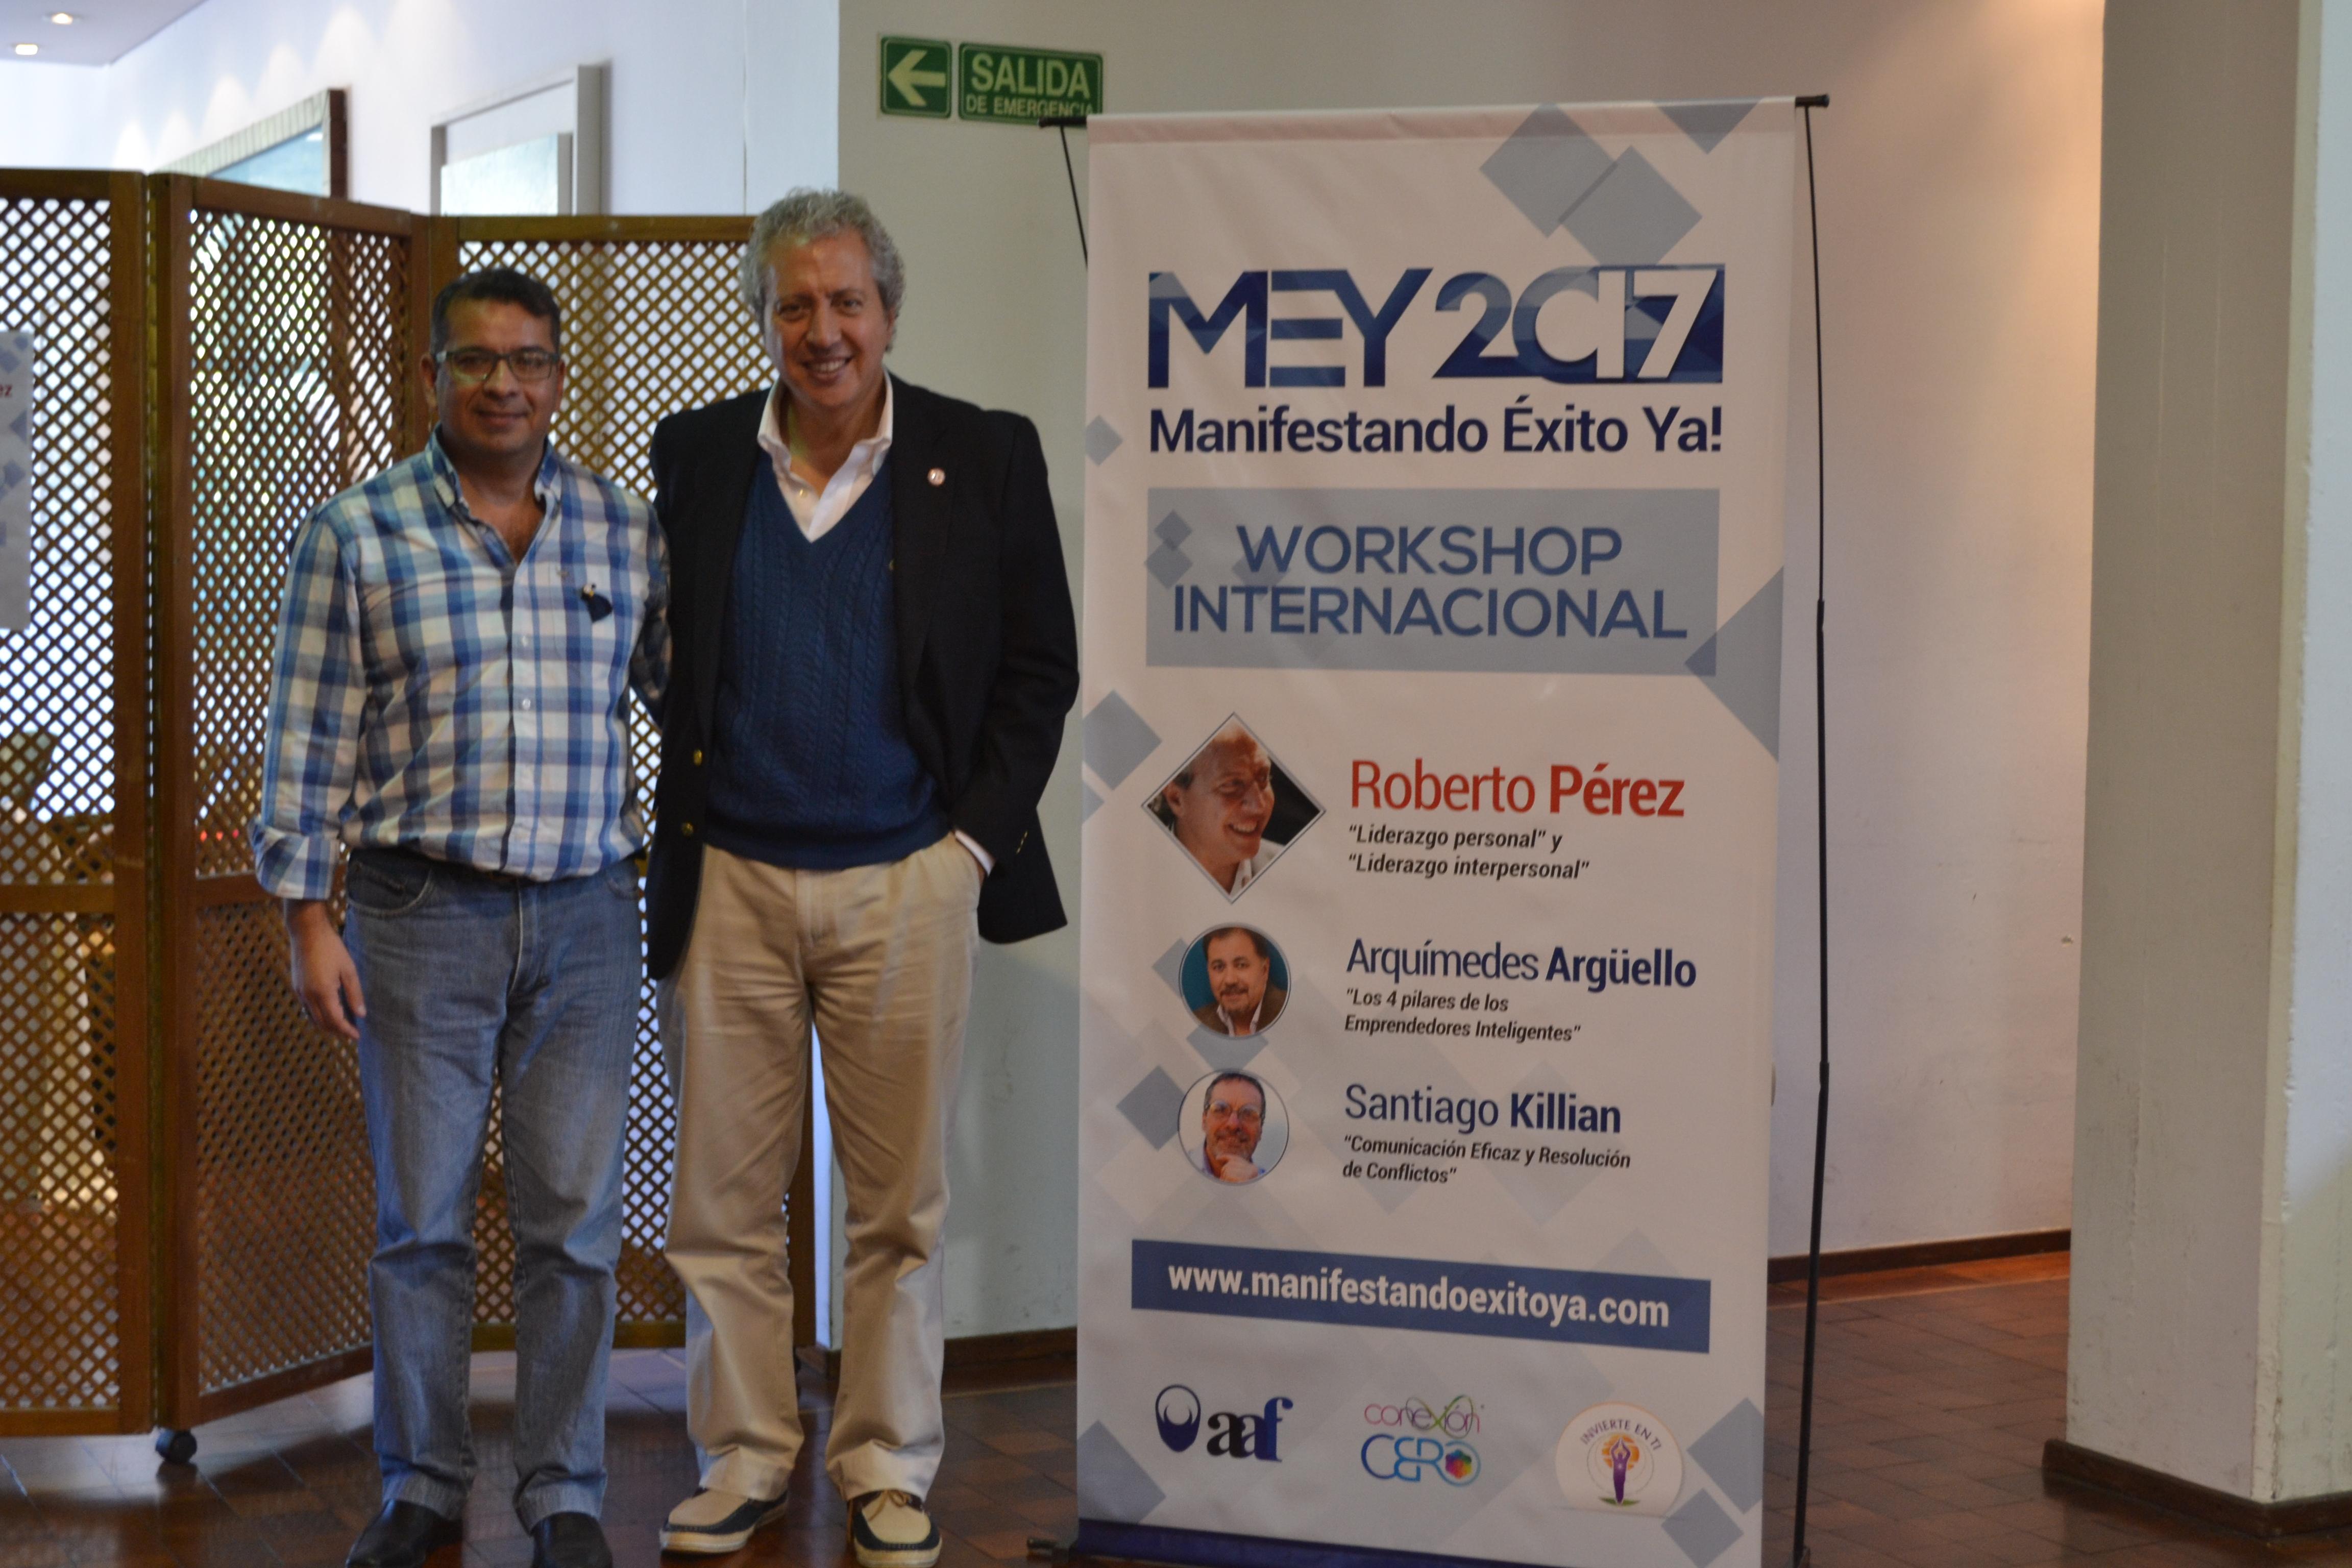 Roberto Perez en MEY